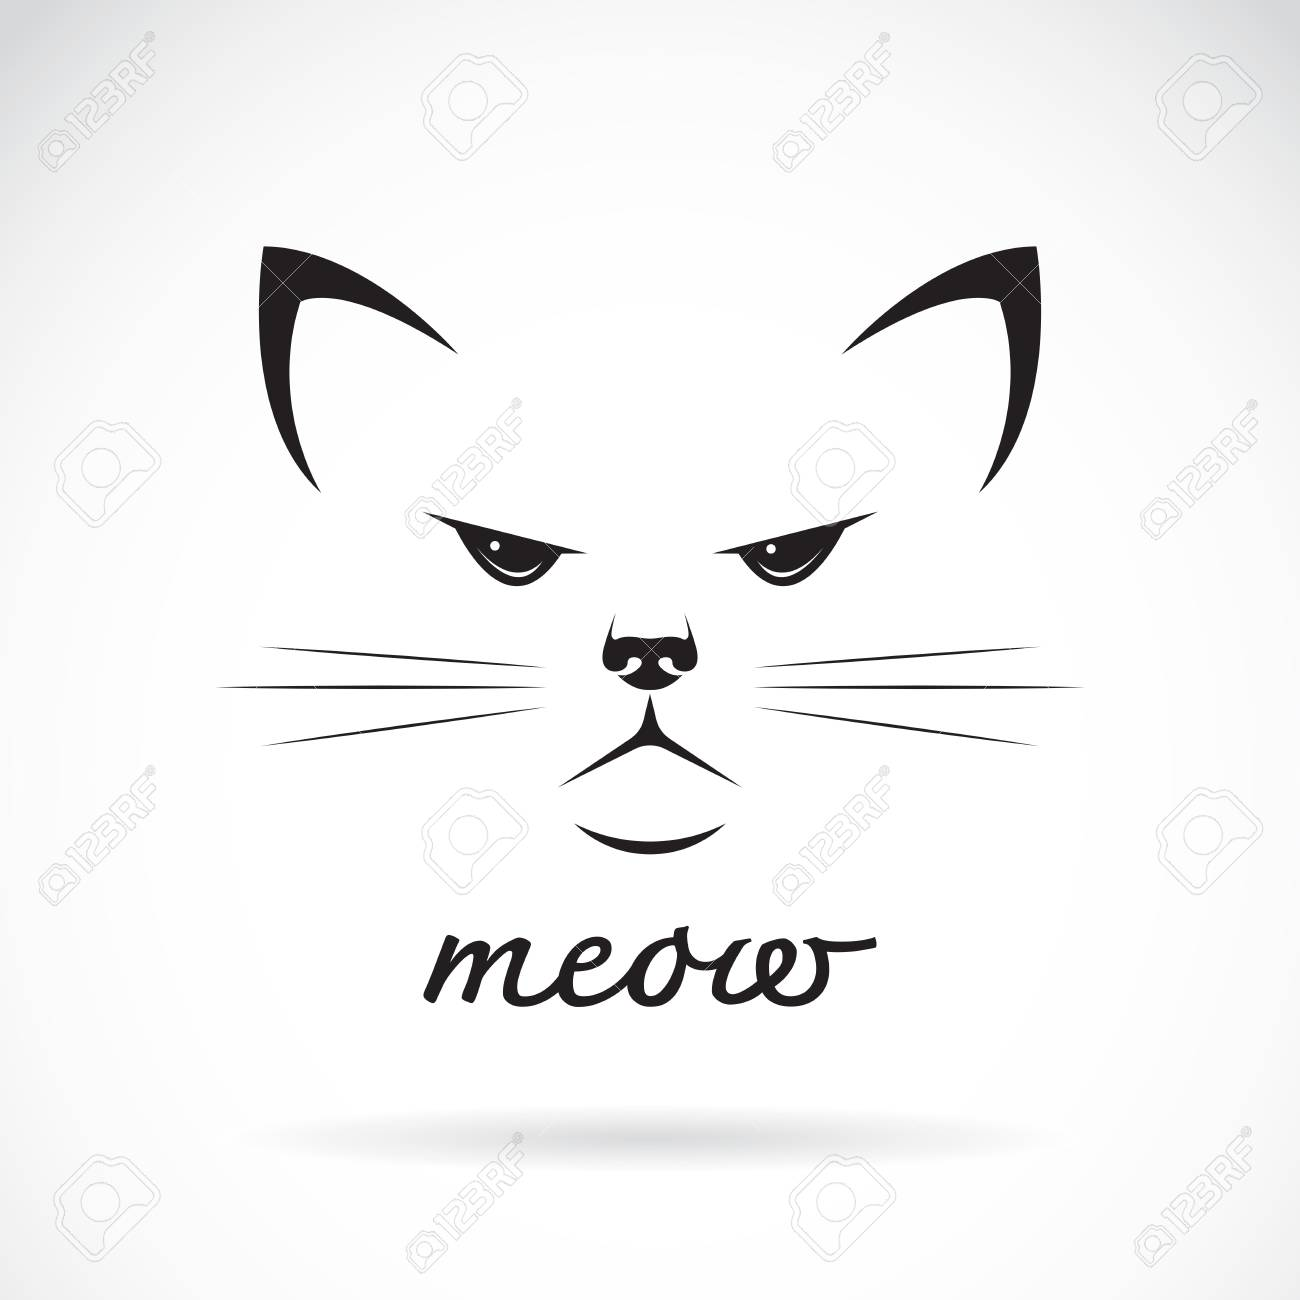 Vettoriale Vettore Di Un Disegno Del Volto Di Gatto Su Priorita